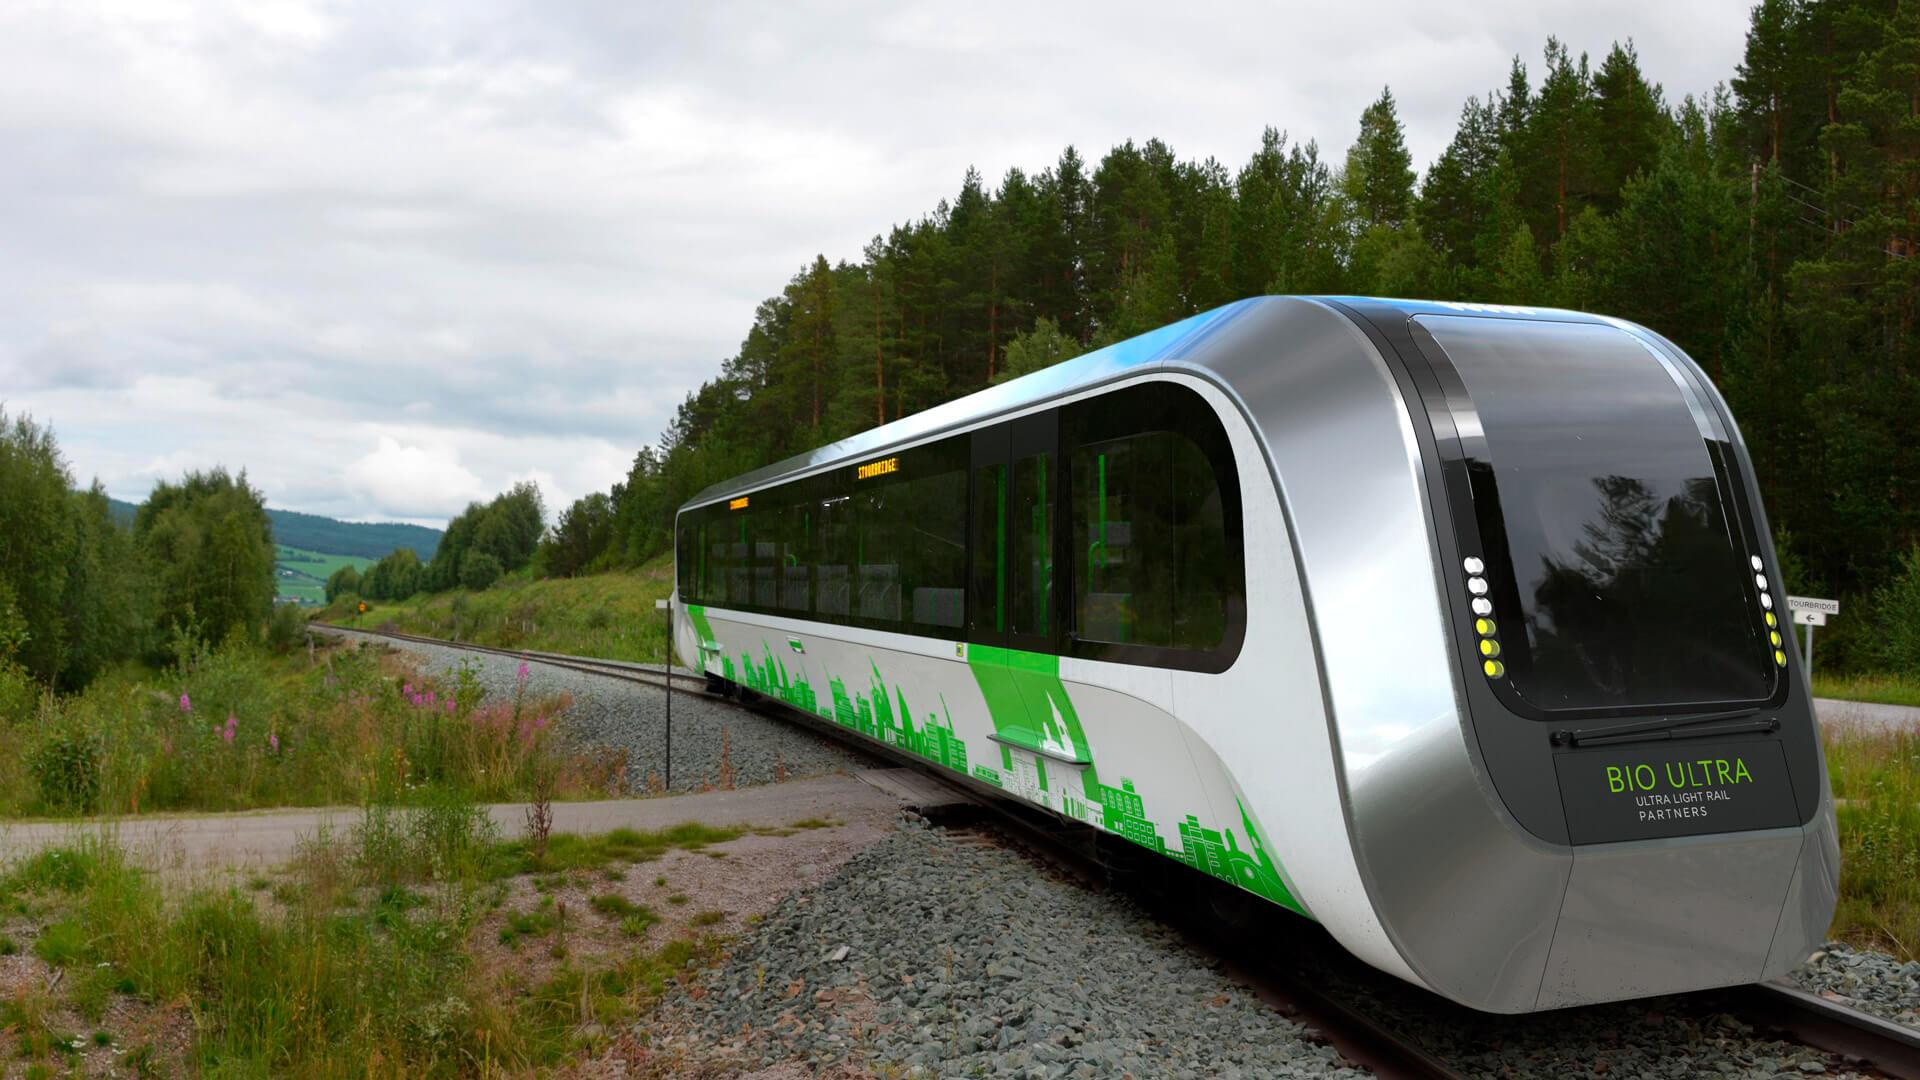 🚈 Велика Британія планує перейти на потяги на біогазі — екологічне рішення